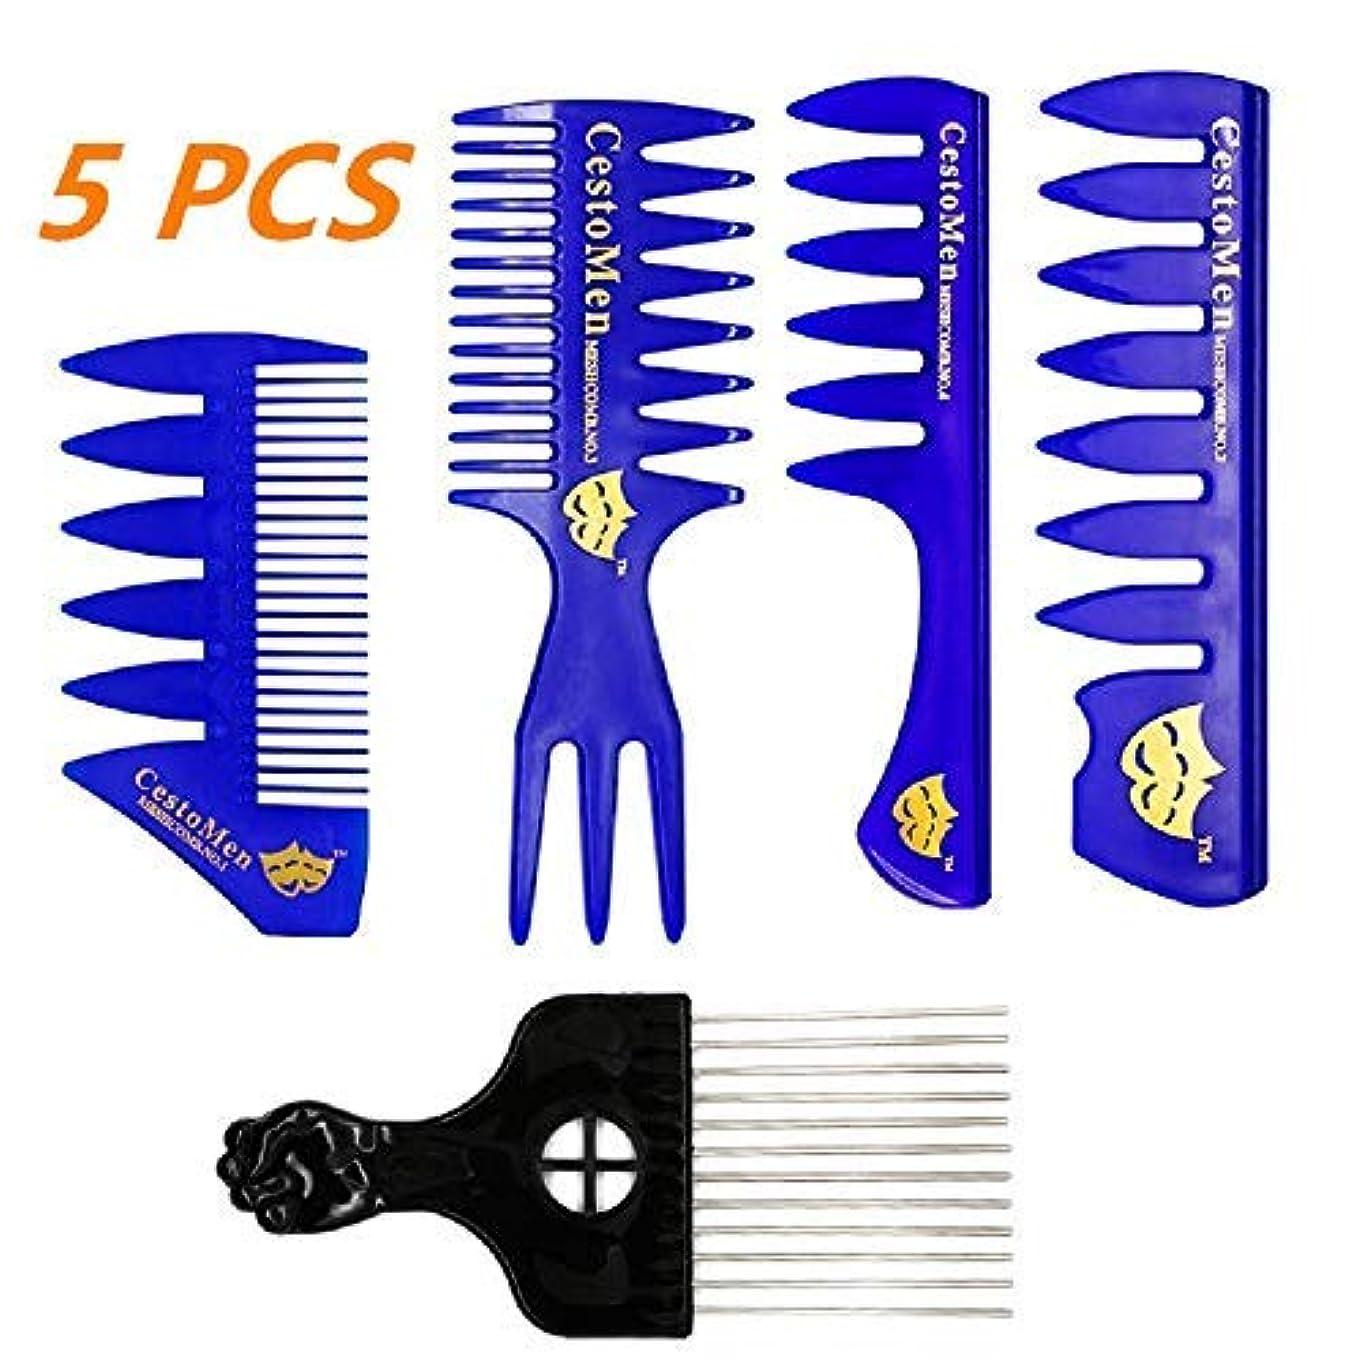 劣る等リム5 PCS Hair Comb Styling Set, Afro Pick Hair & Retro Hairstyle Wet Combs Professional Barber Tool (Blue & Black...